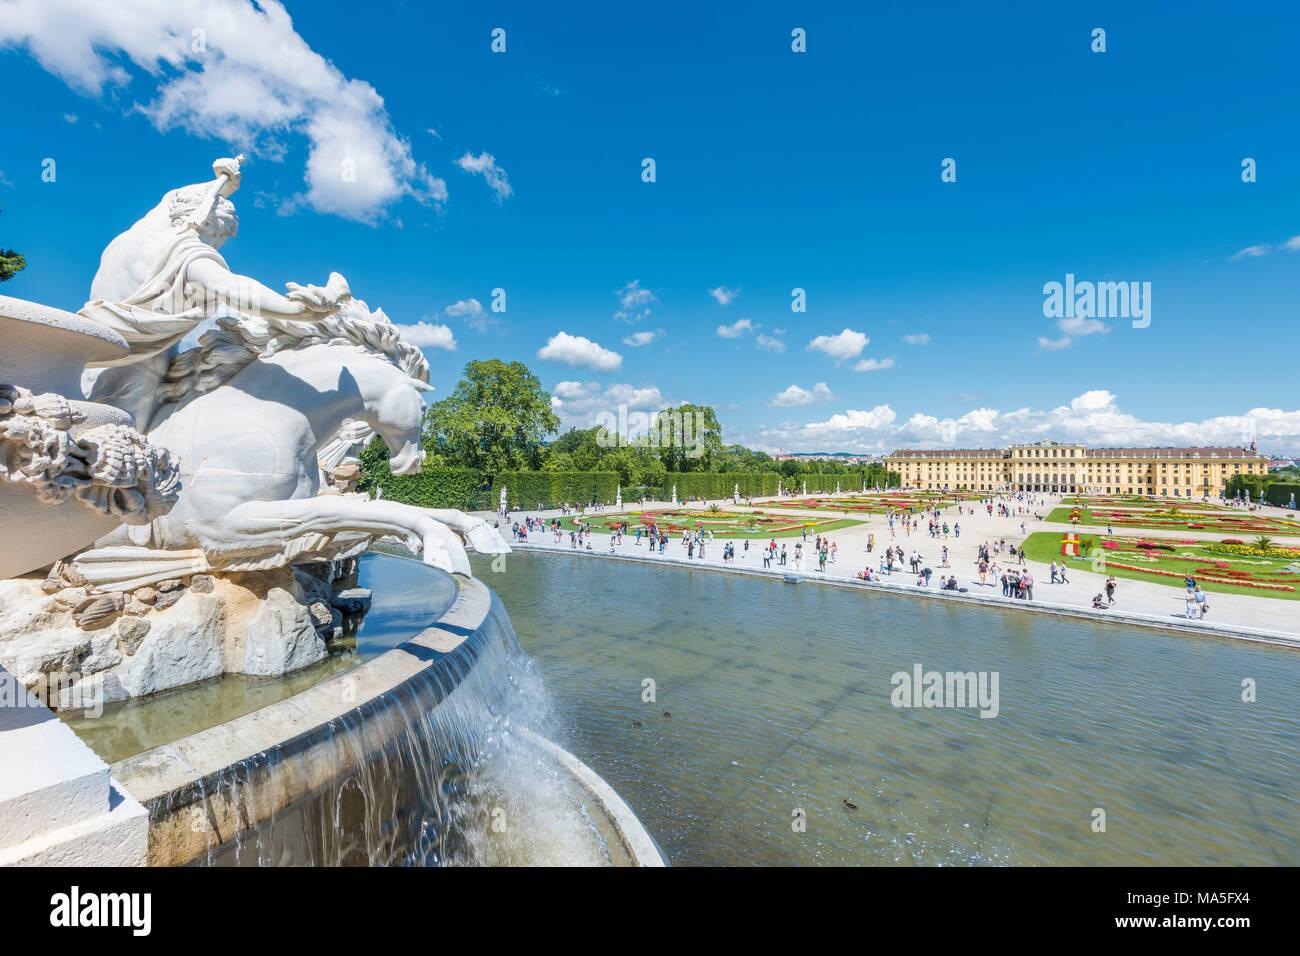 Vienna, Austria, l'Europa. La fontana del Nettuno nei giardini del Palazzo di Schönbrunn. Immagini Stock